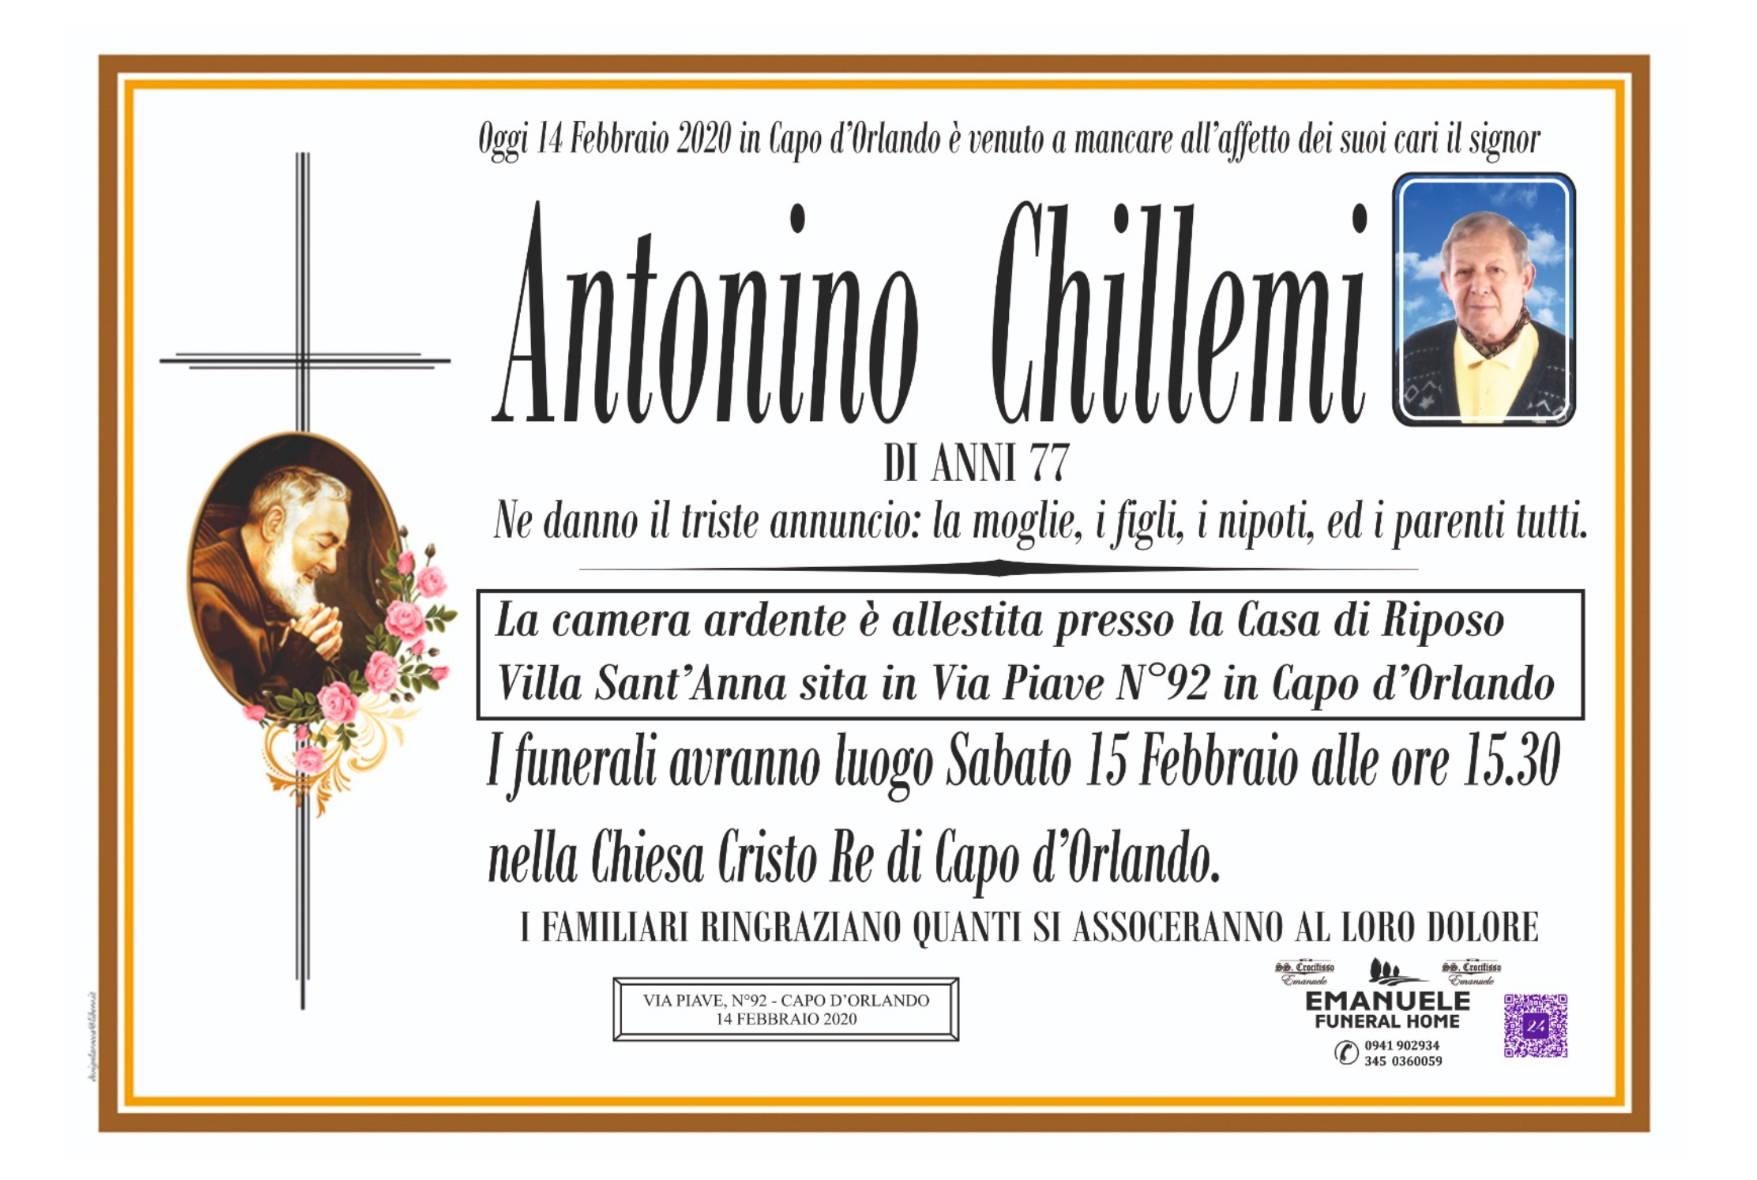 Antonino Chillemi